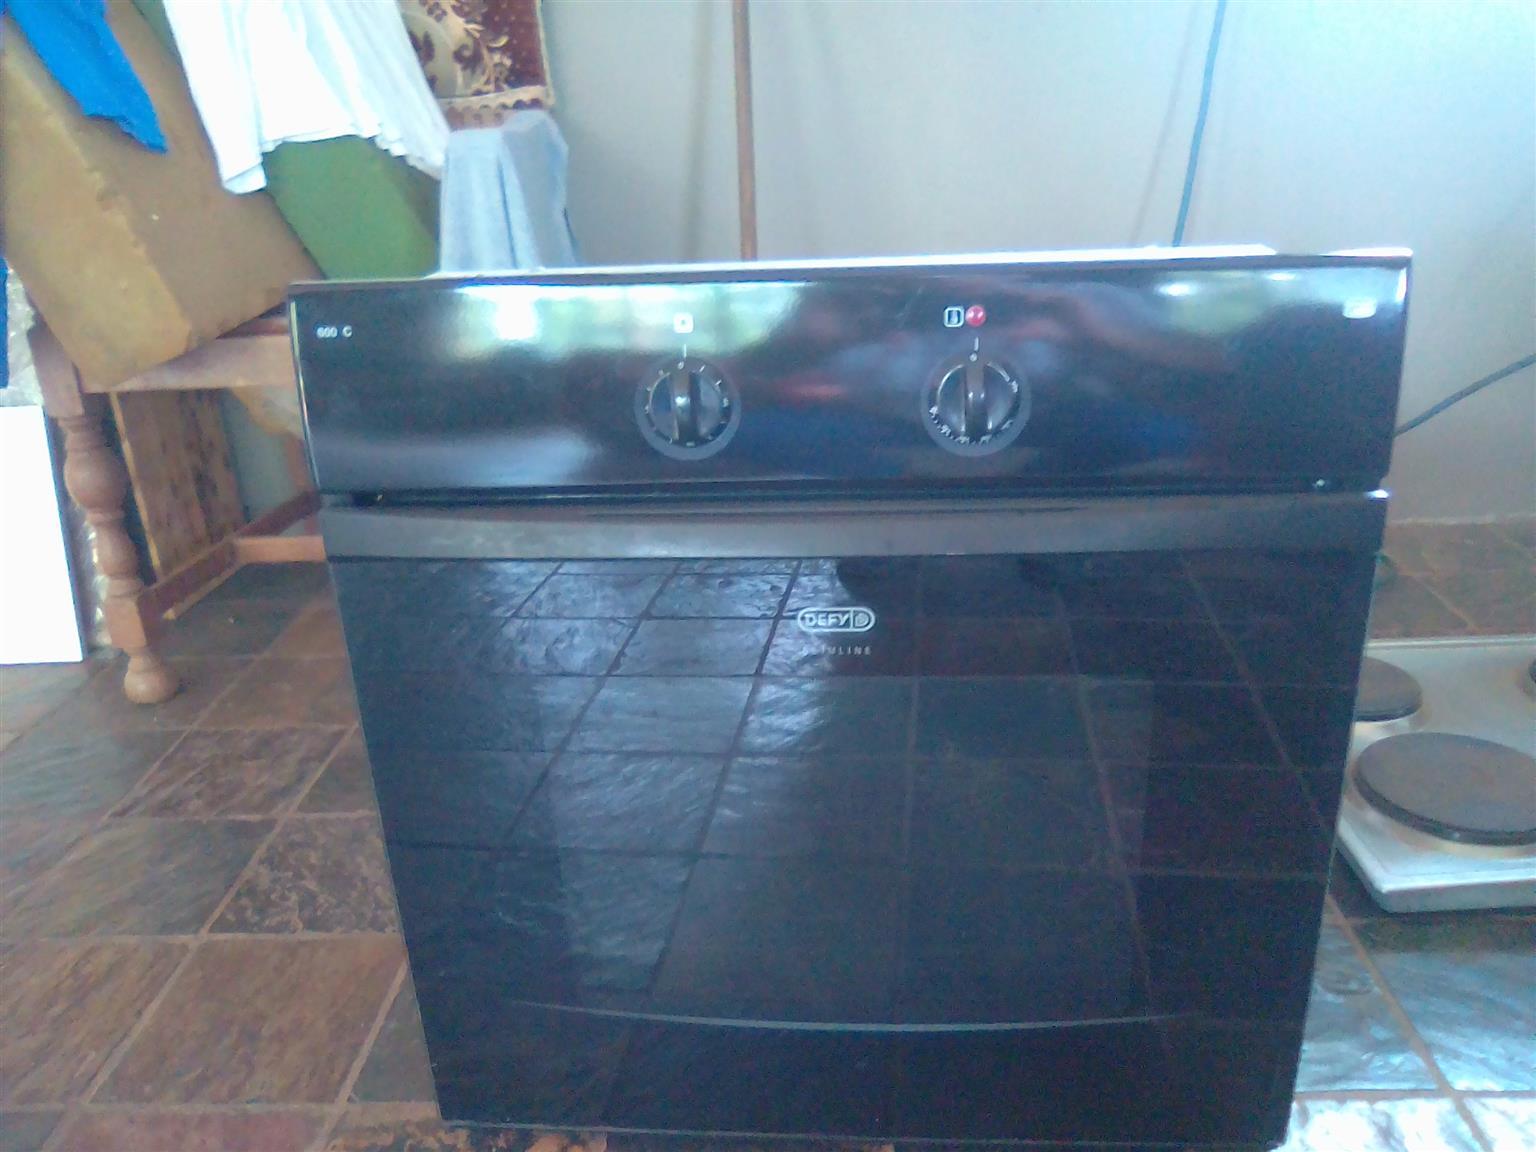 Black DEFY 600C Slimline Oven